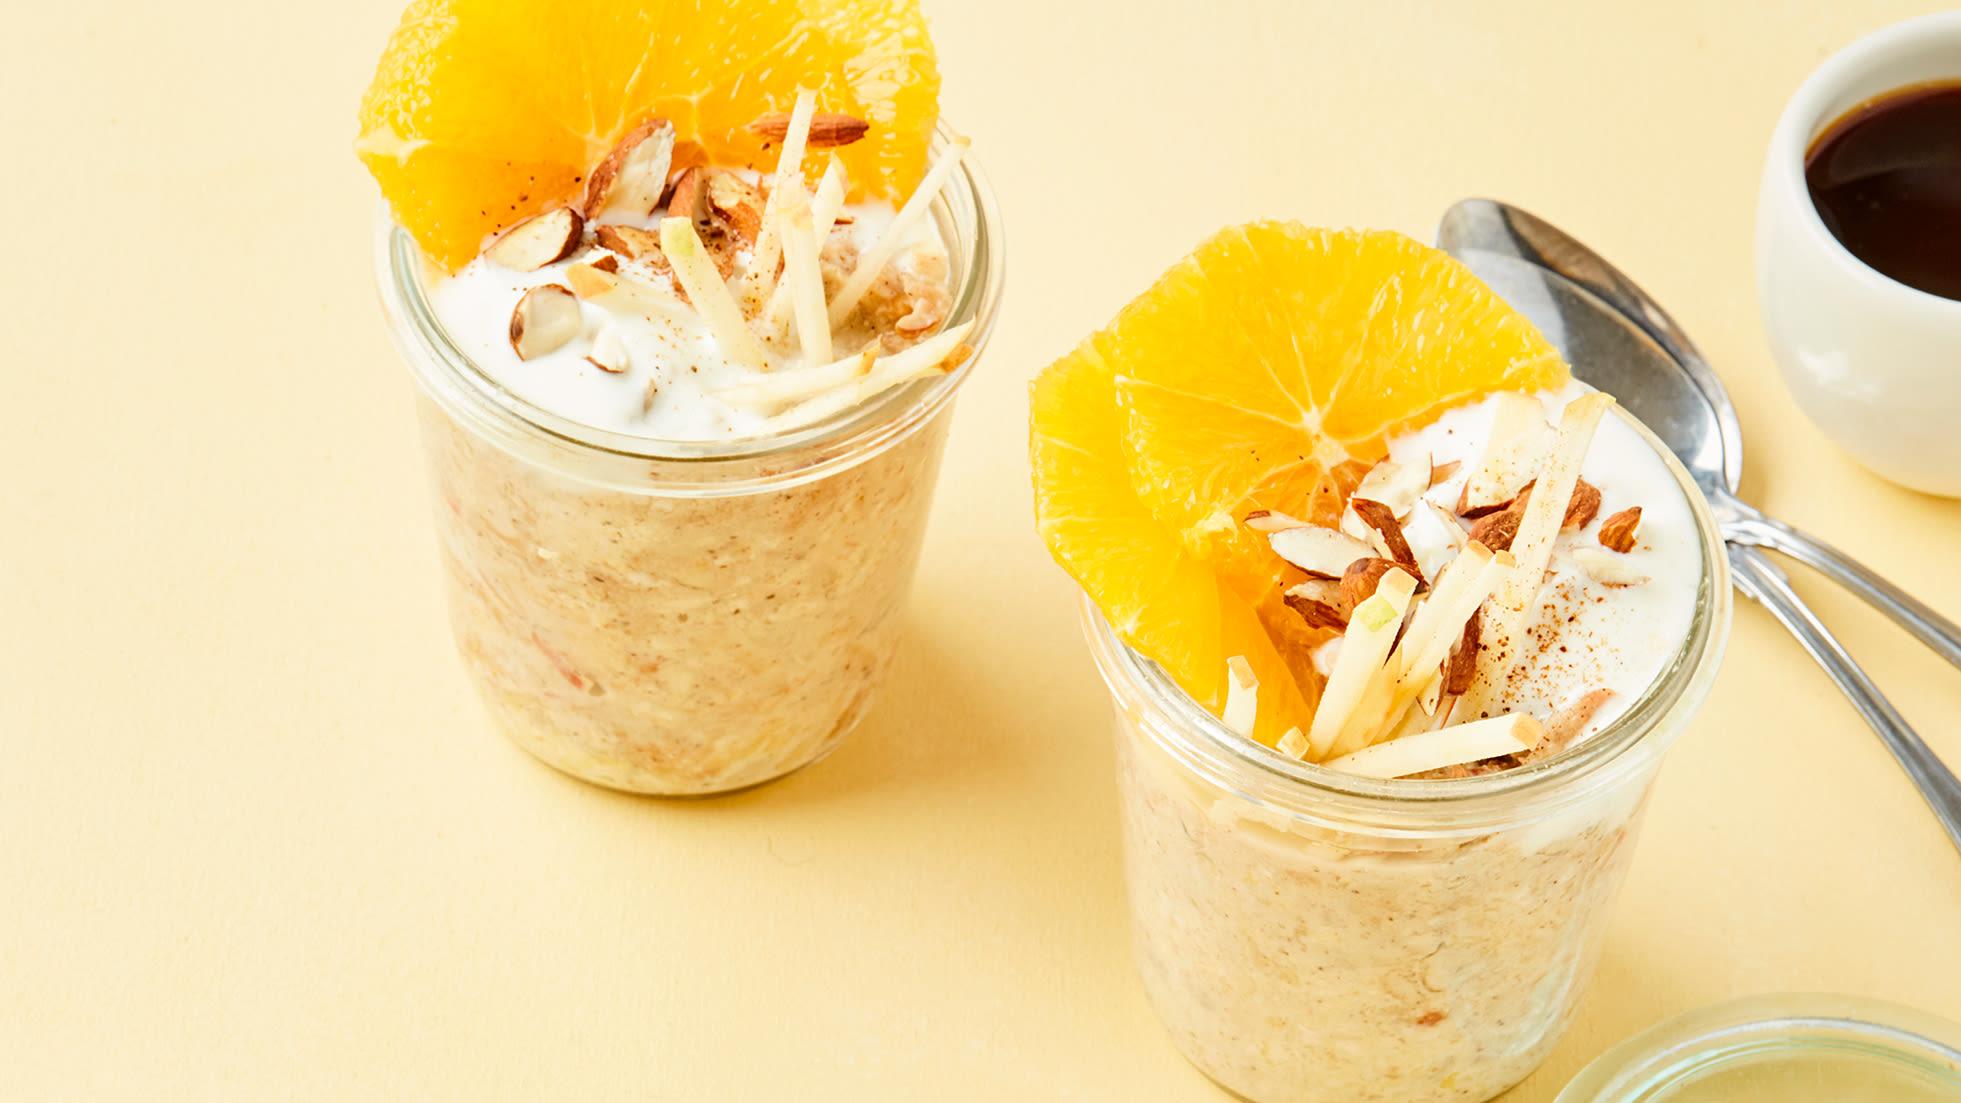 FROKOST: Kjøleskapgrøt med sitrusfrukt og yoghurt er en perfekt frokost for kropp og hjerne.